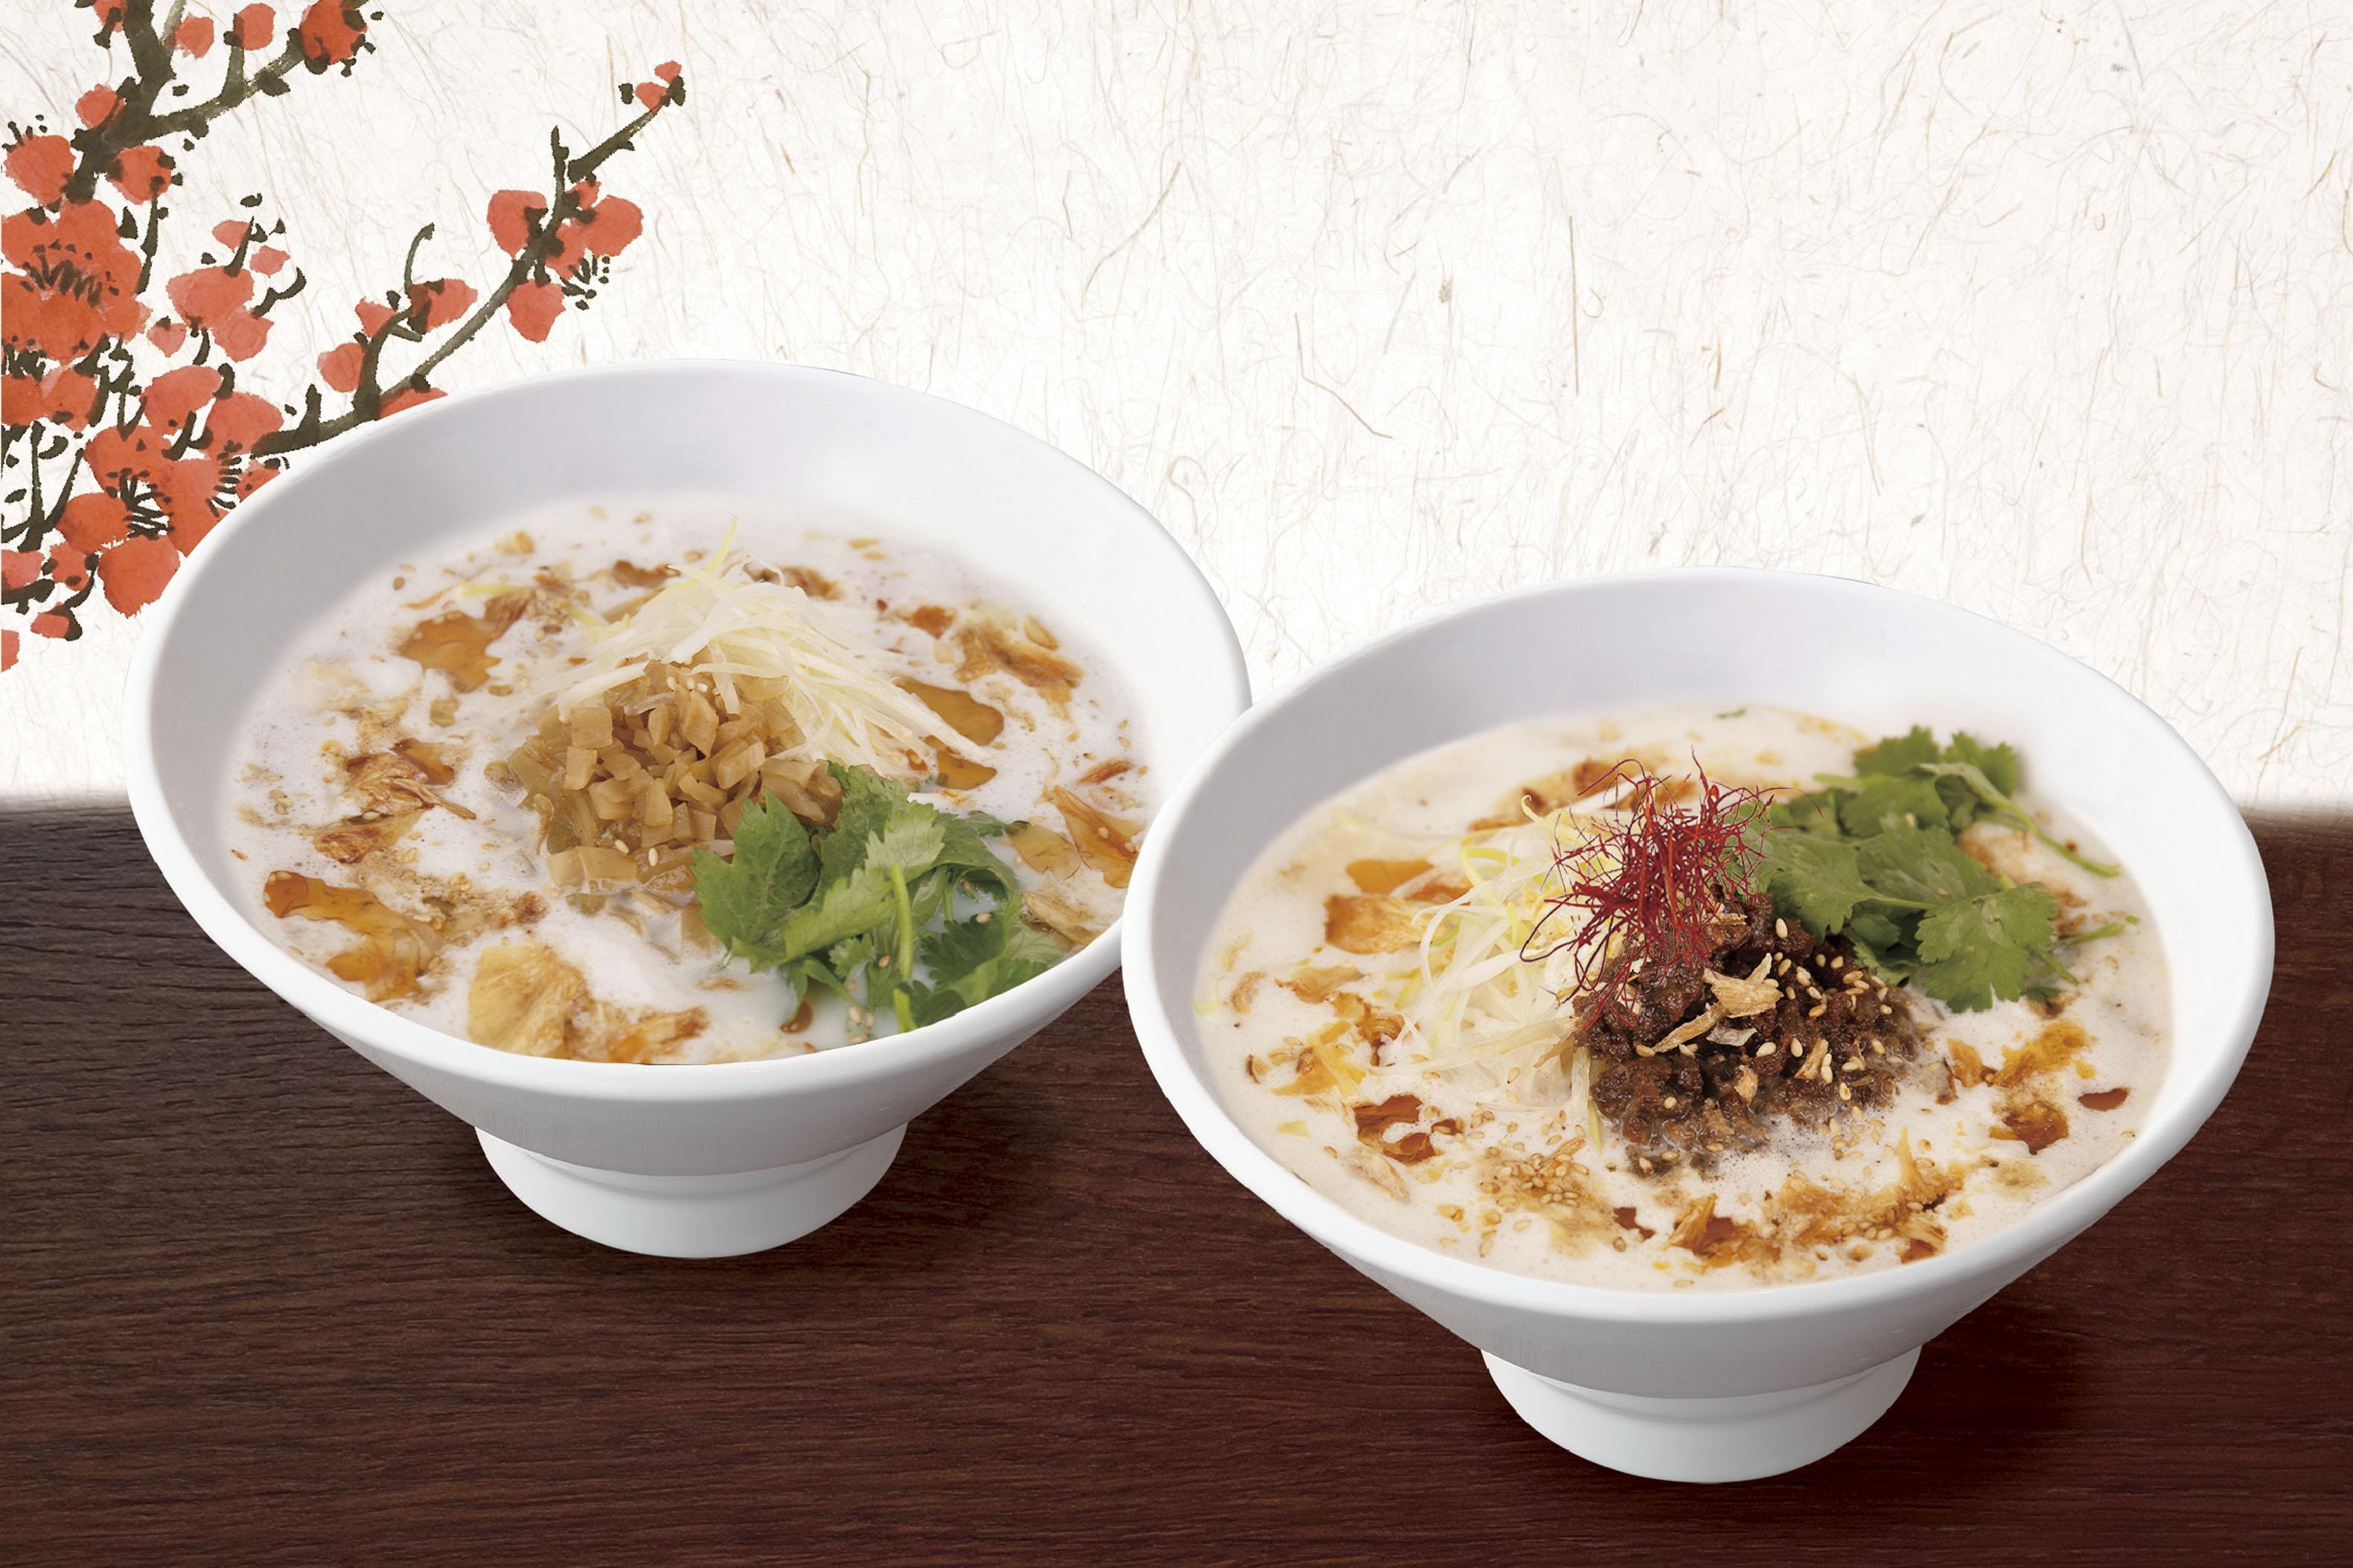 (左)『豆漿搾菜湯麺(トウジャンザーサイタンメン)』(右)『麻辣豆漿担々麺(マーラートウジャンタンタンメン)』